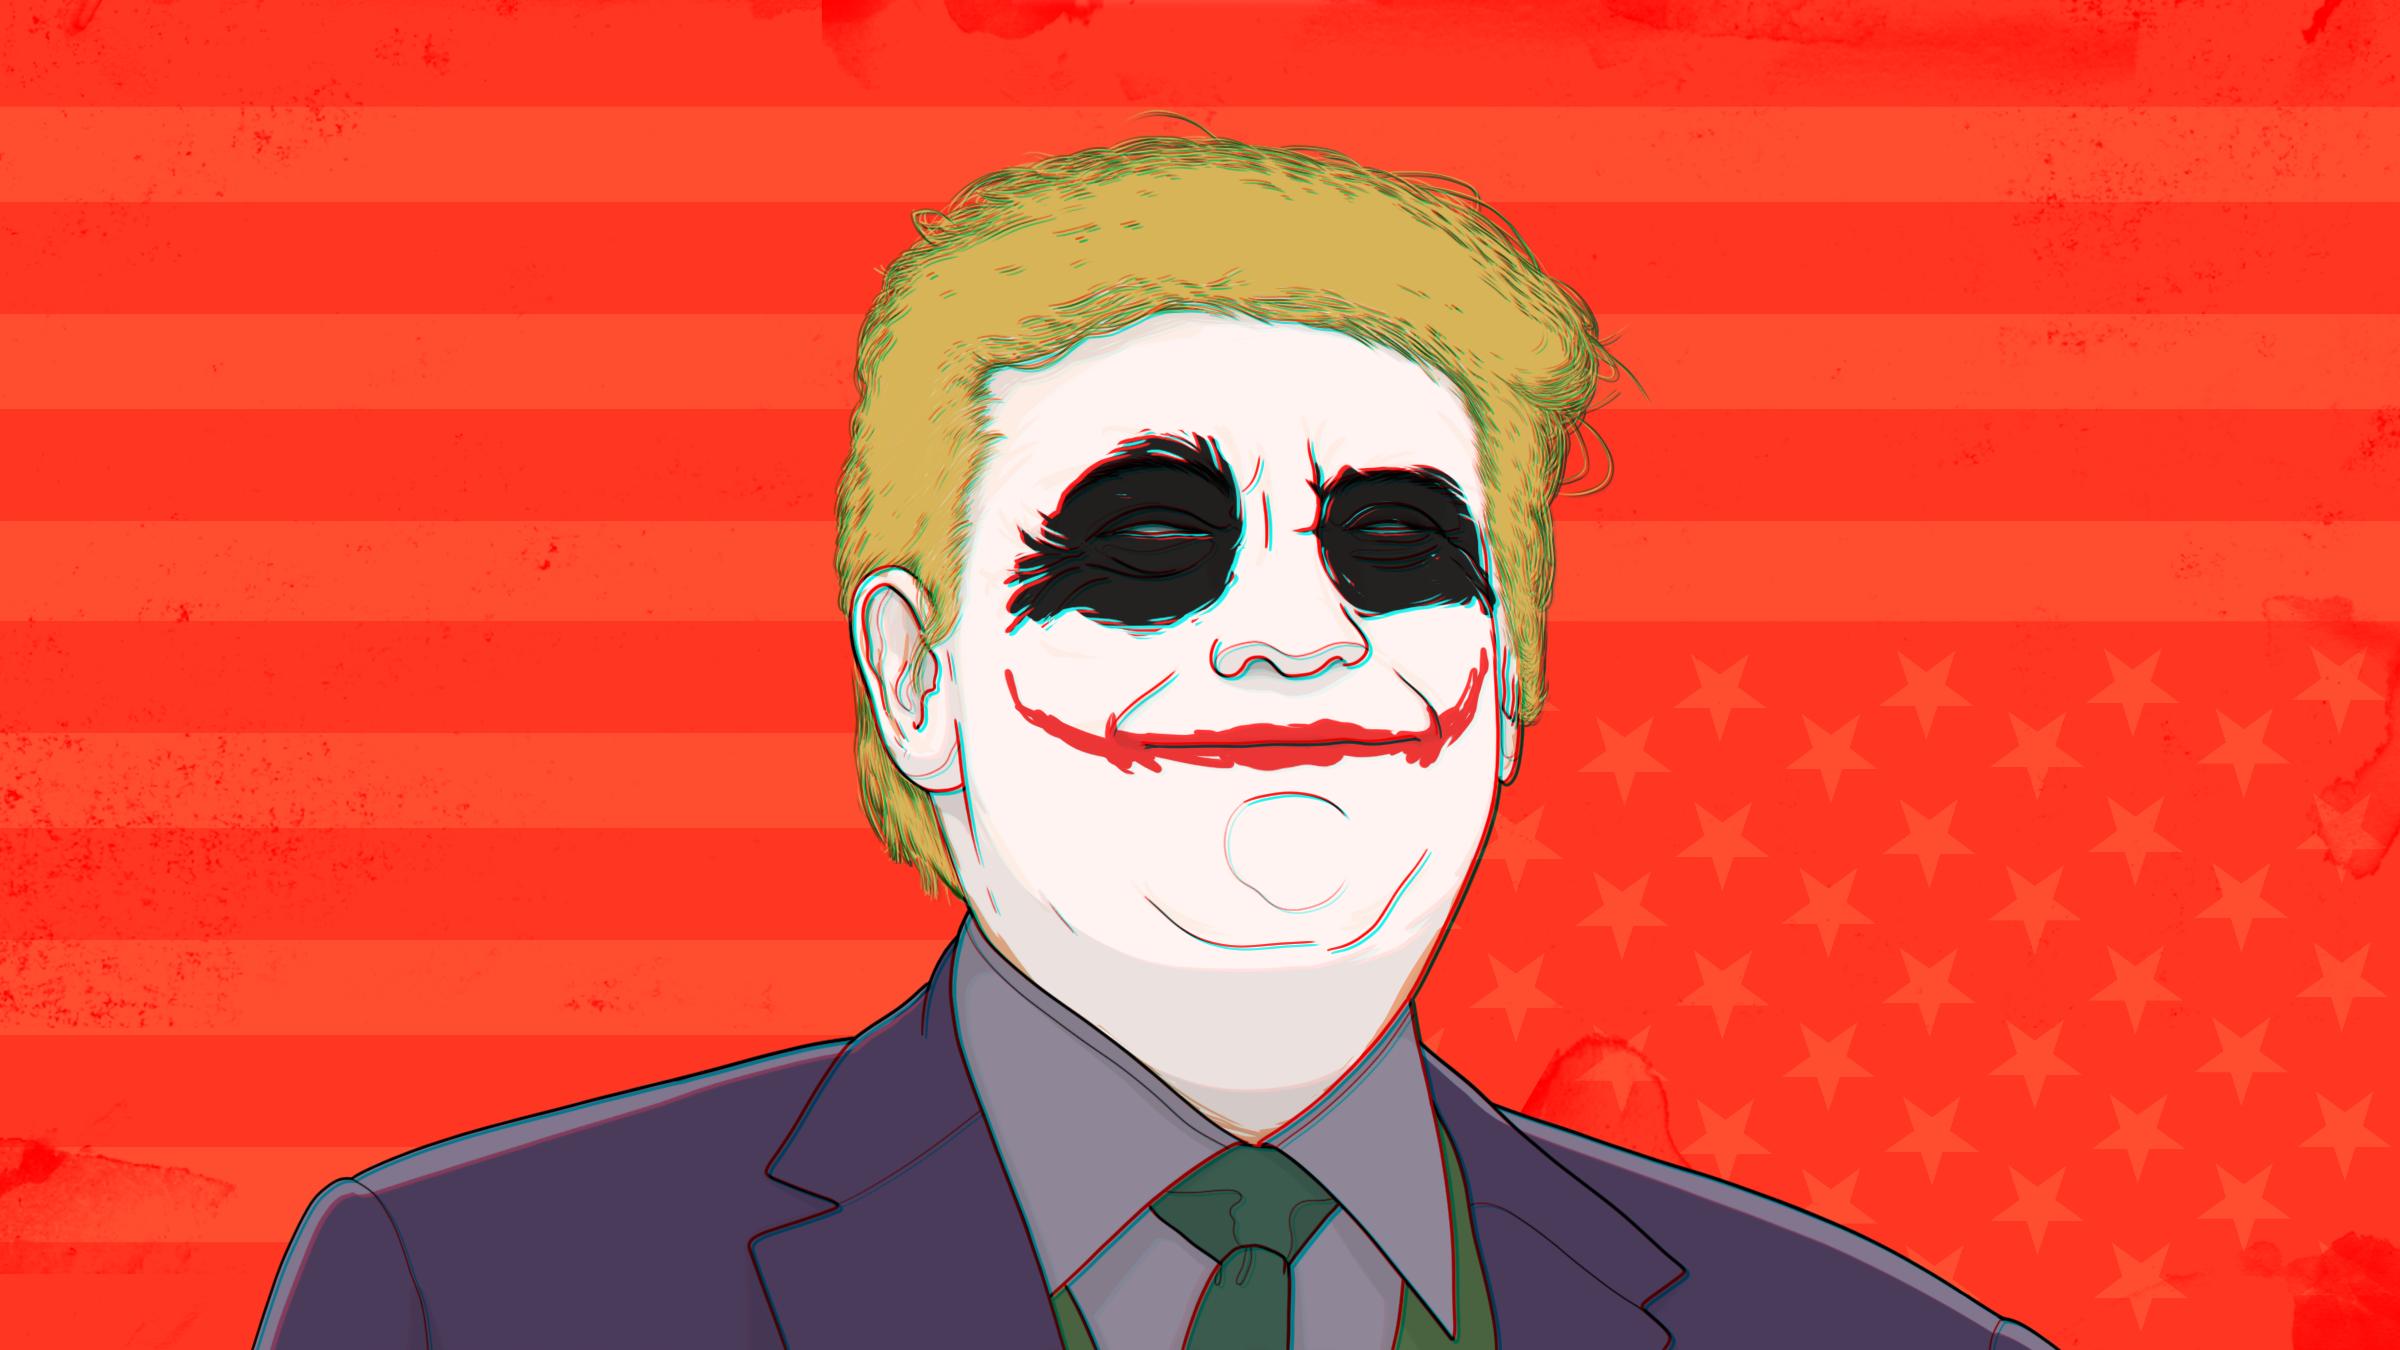 Trump roba la idea de presidente de Hollywood